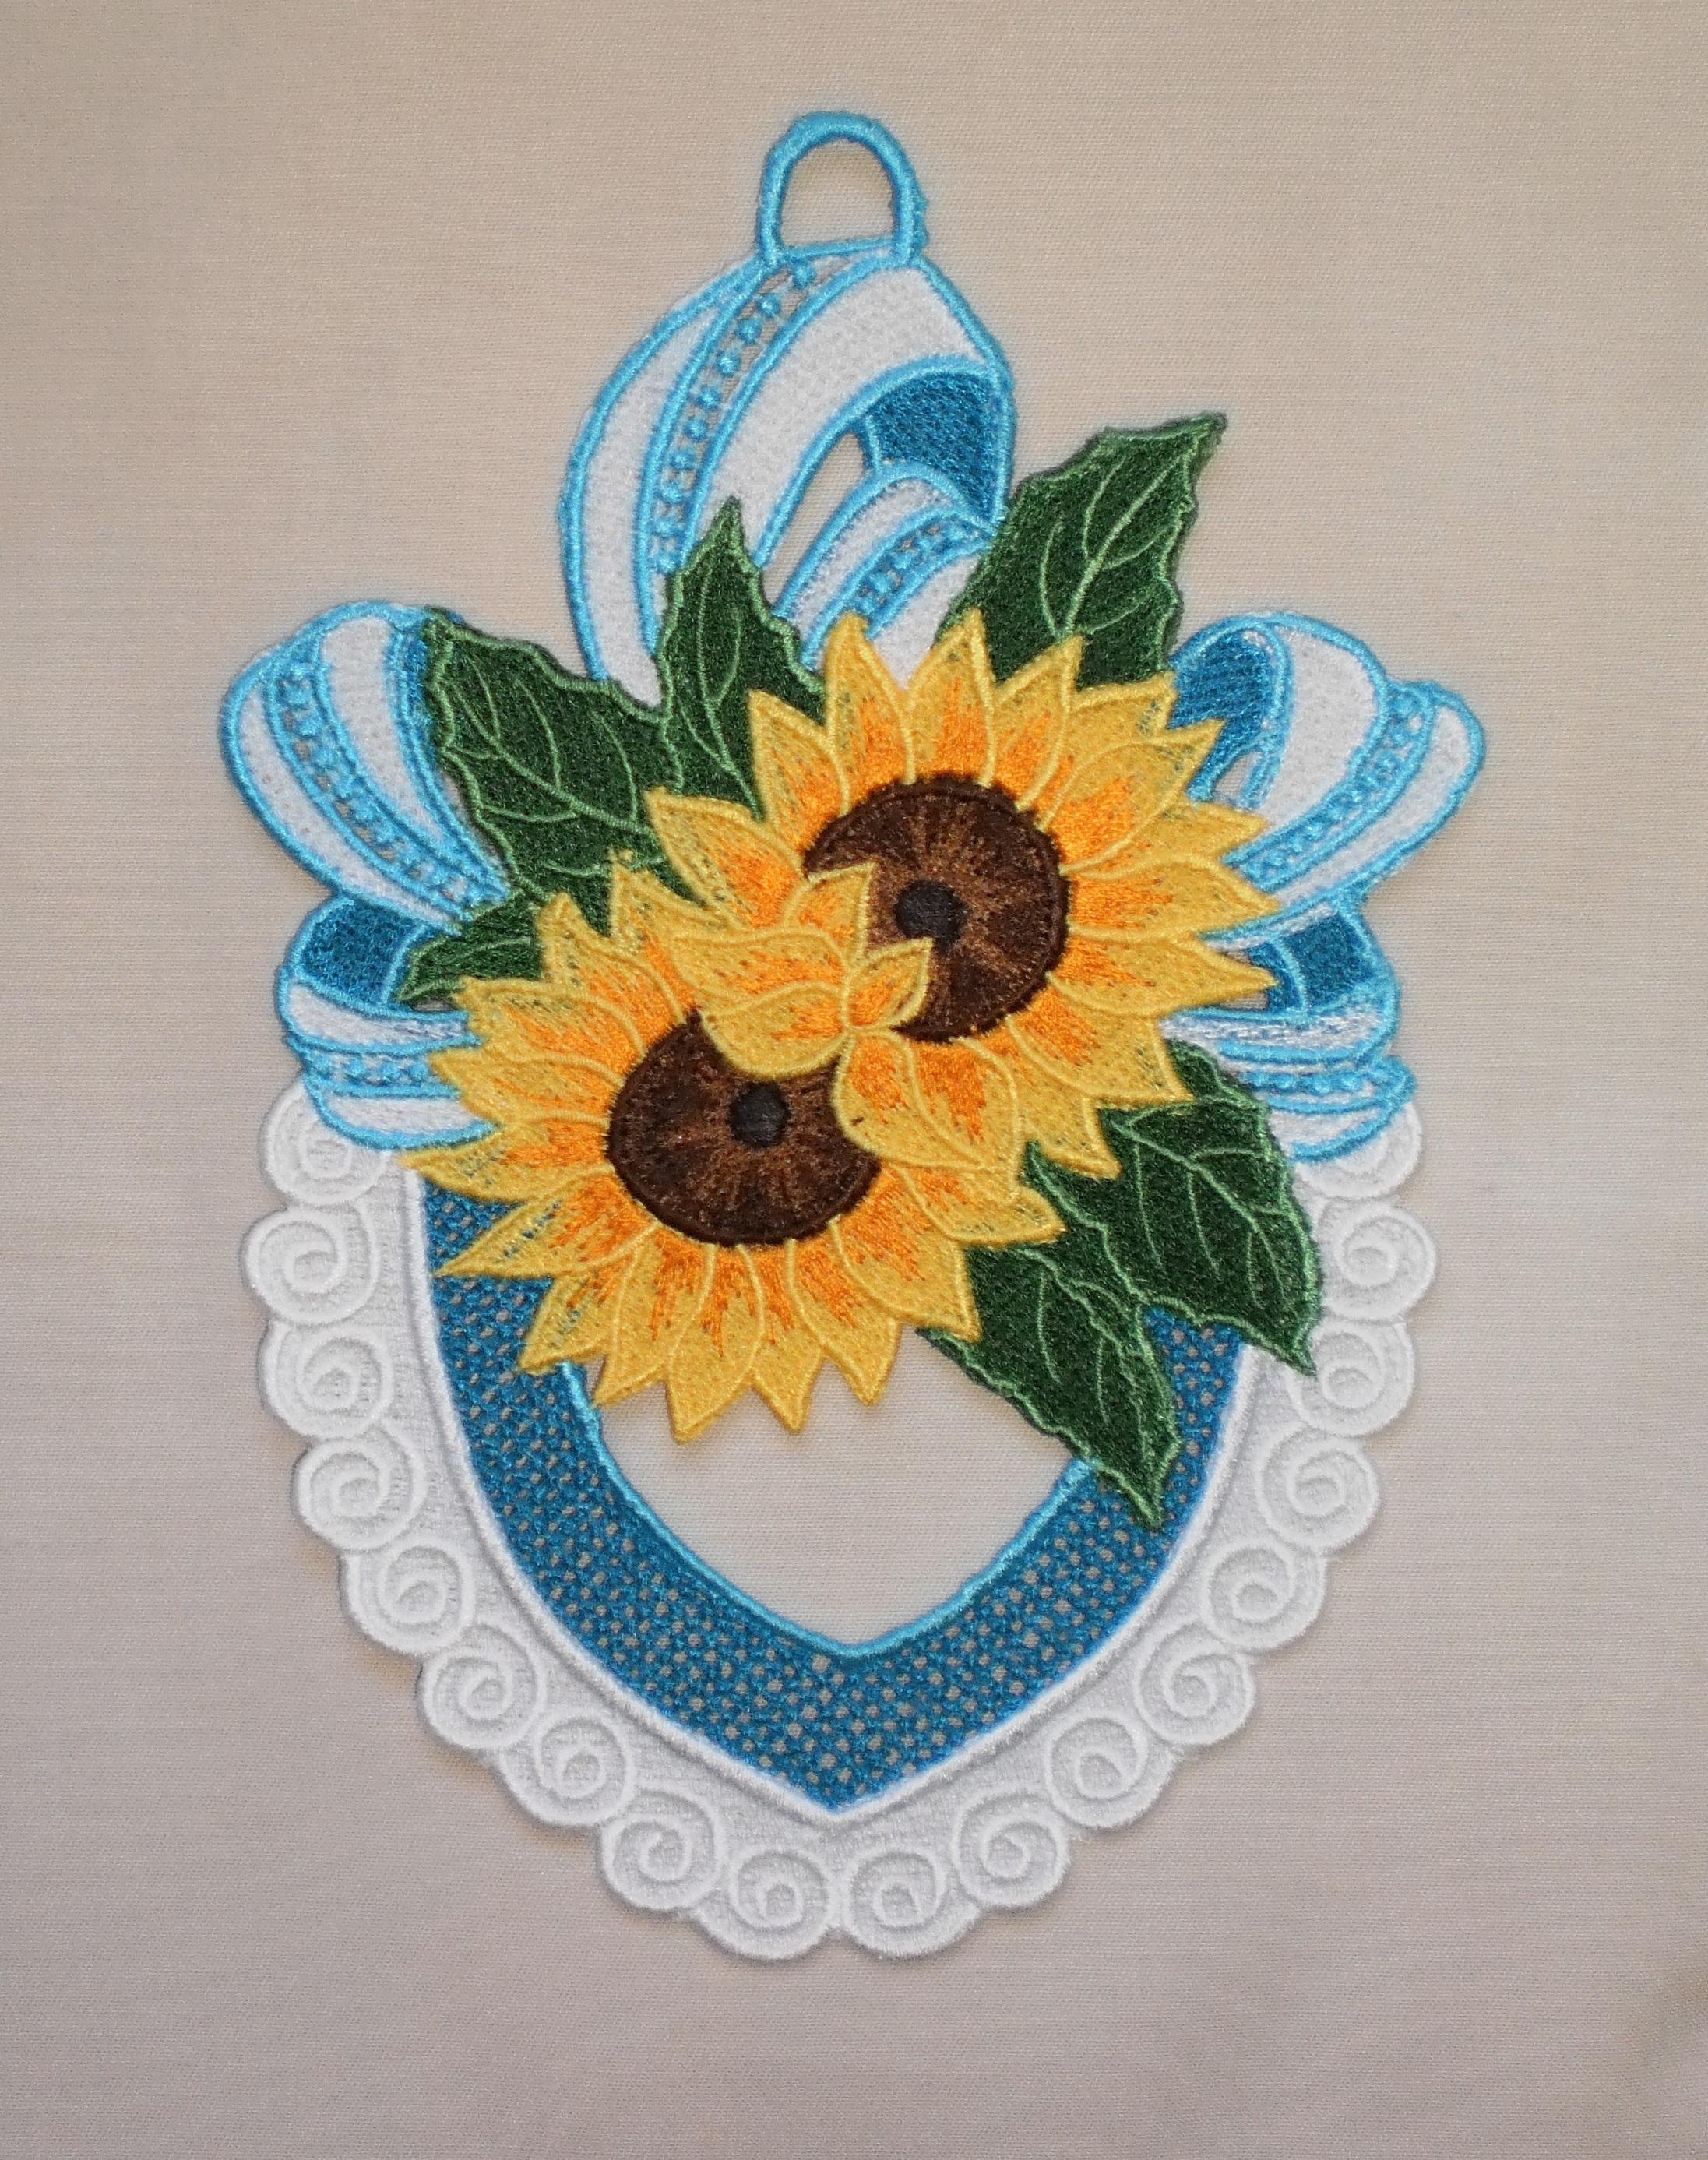 Suncatcher Sunflower Bouquet From KO Designs